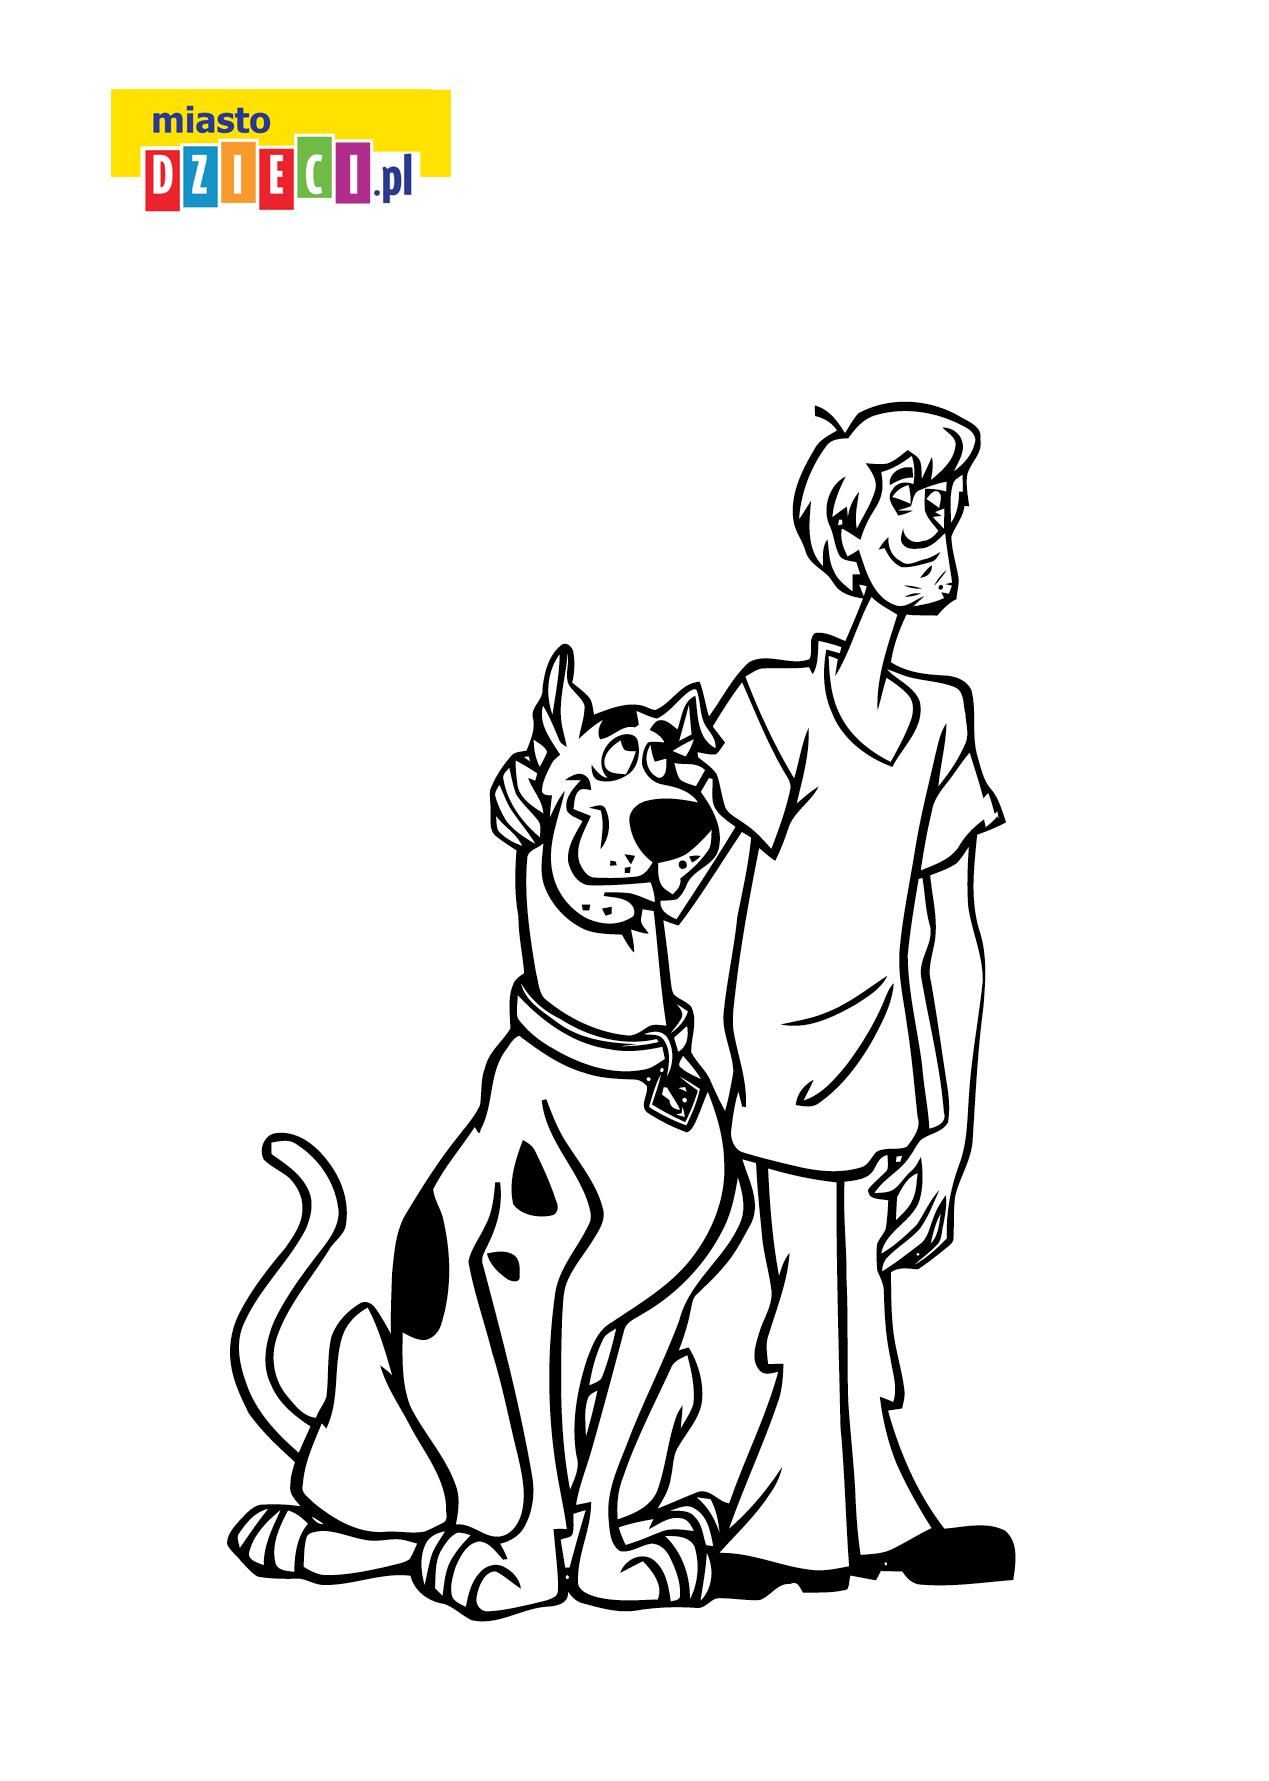 Scooby Doo- kolorowanki kolorowanki i szablony do druku dla dzieci MiastoDzieci.pl